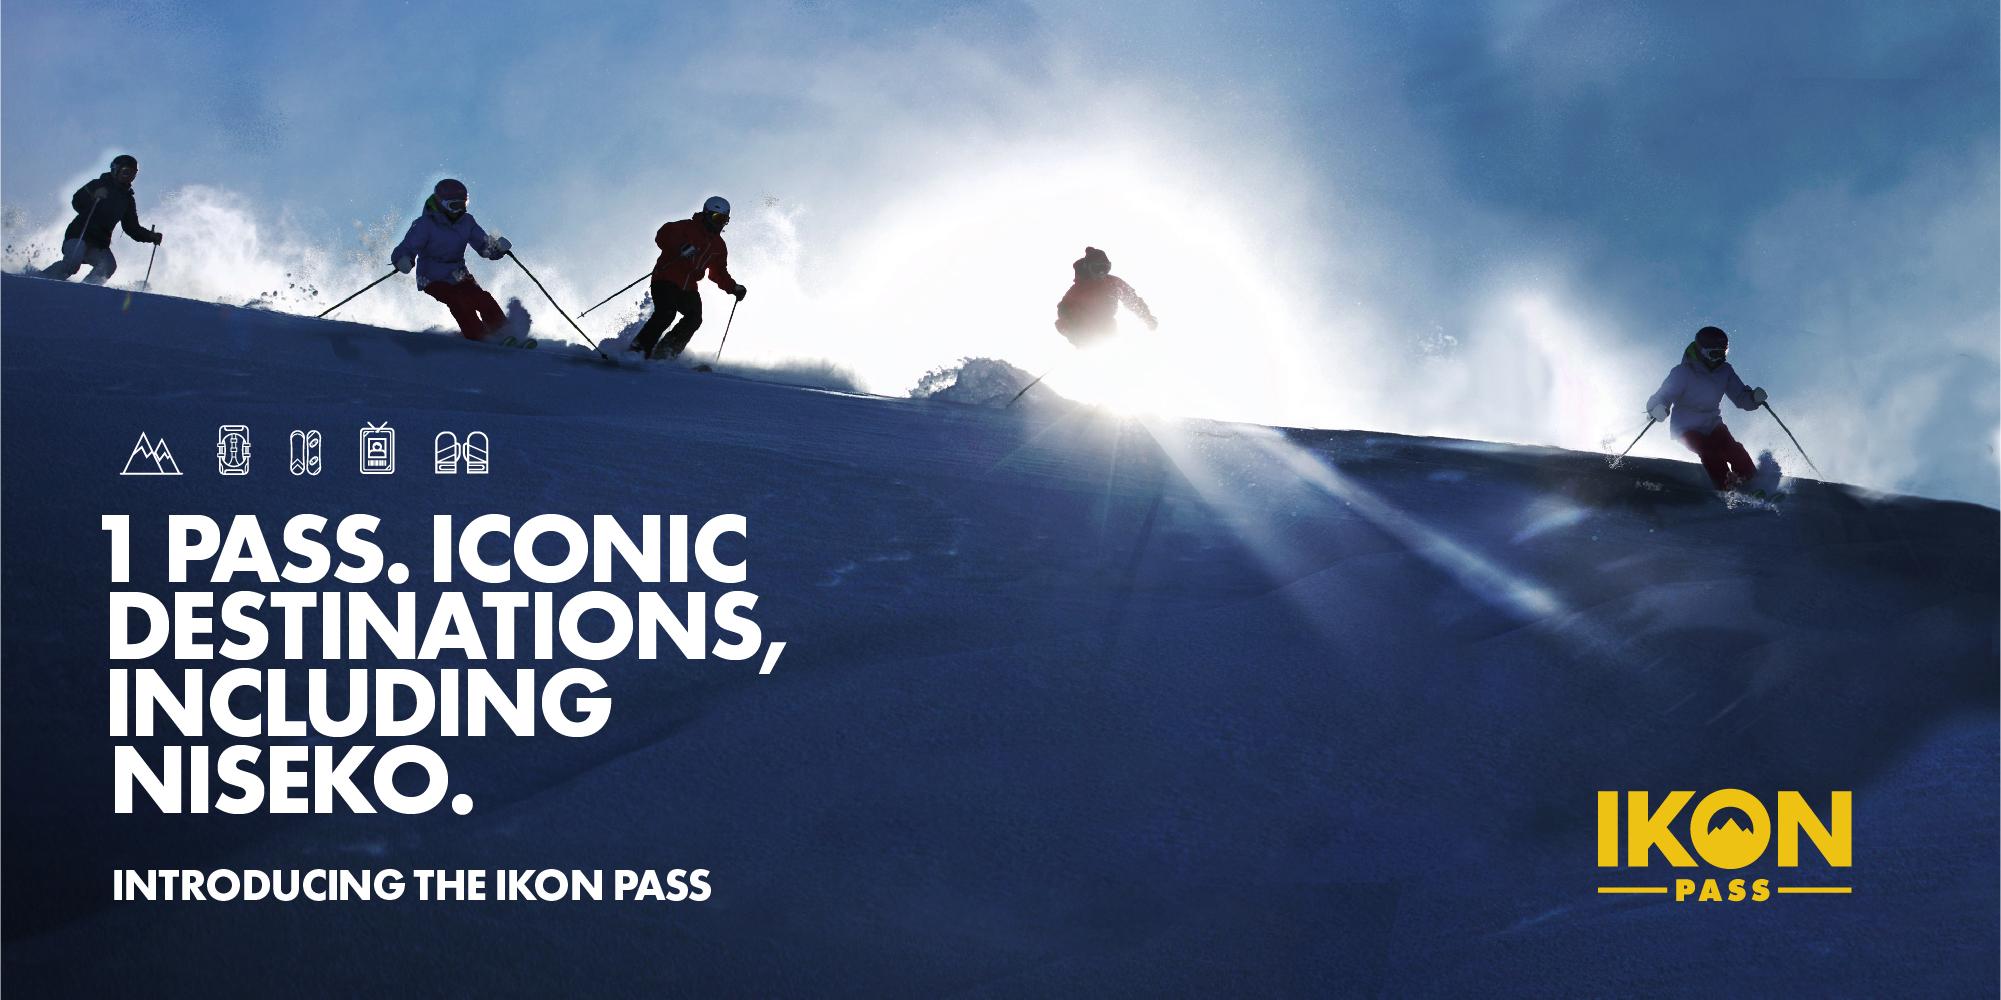 IKON Passを使ってニセコでスキーを楽しむ人々